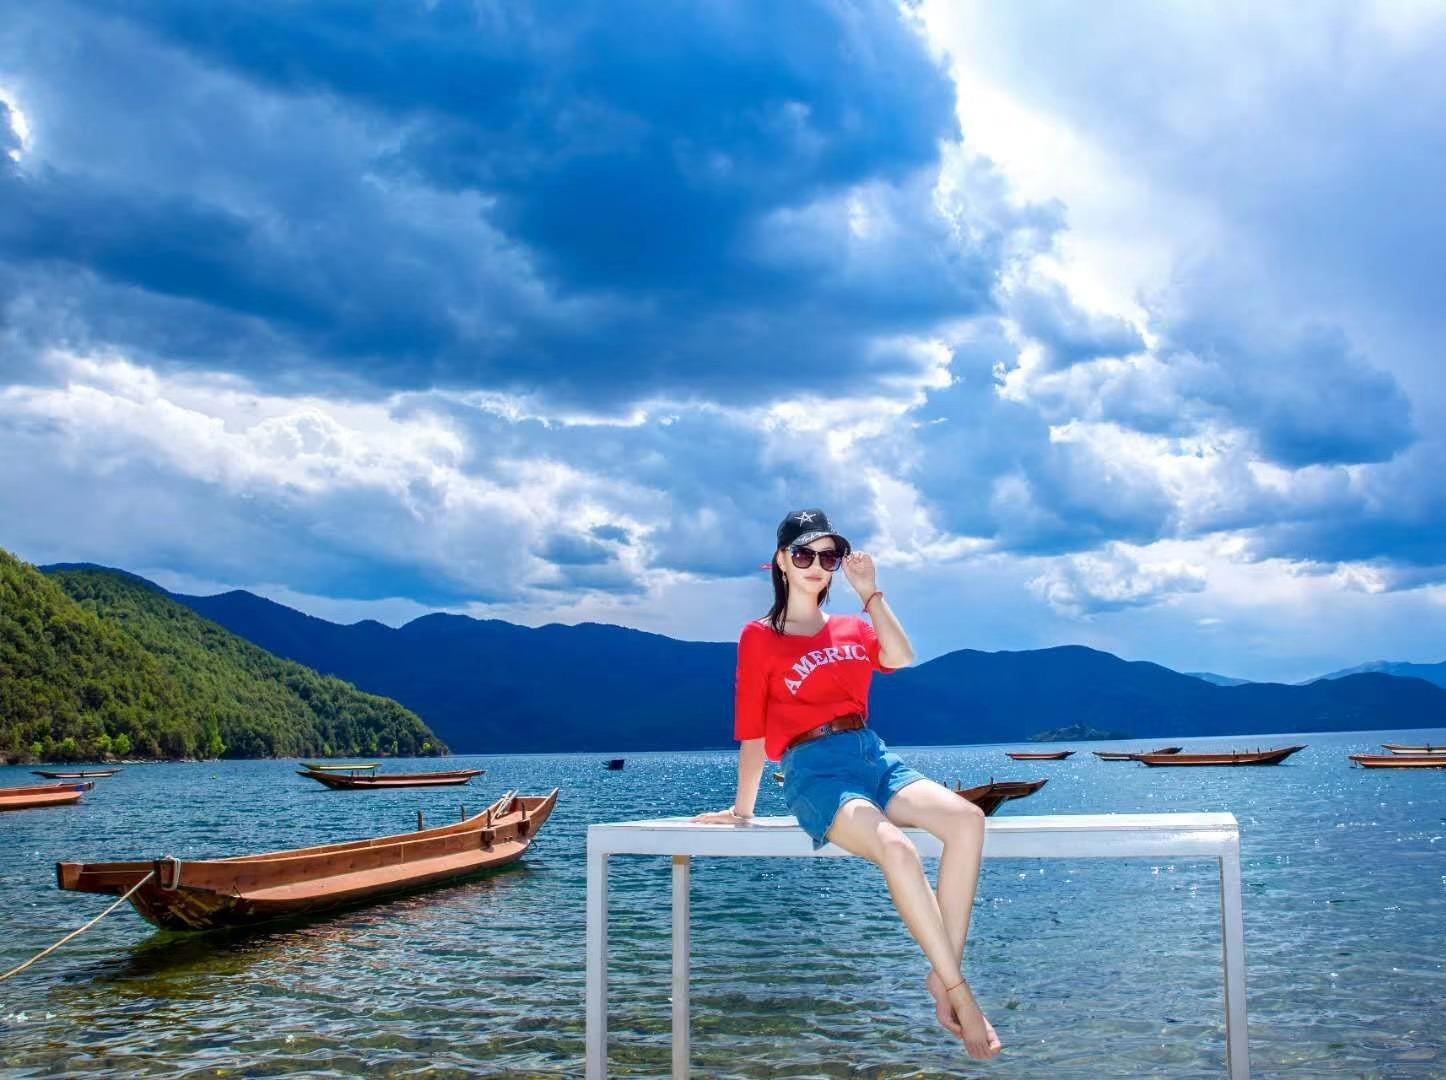 泸沽湖 度假胜地 12号下班出发